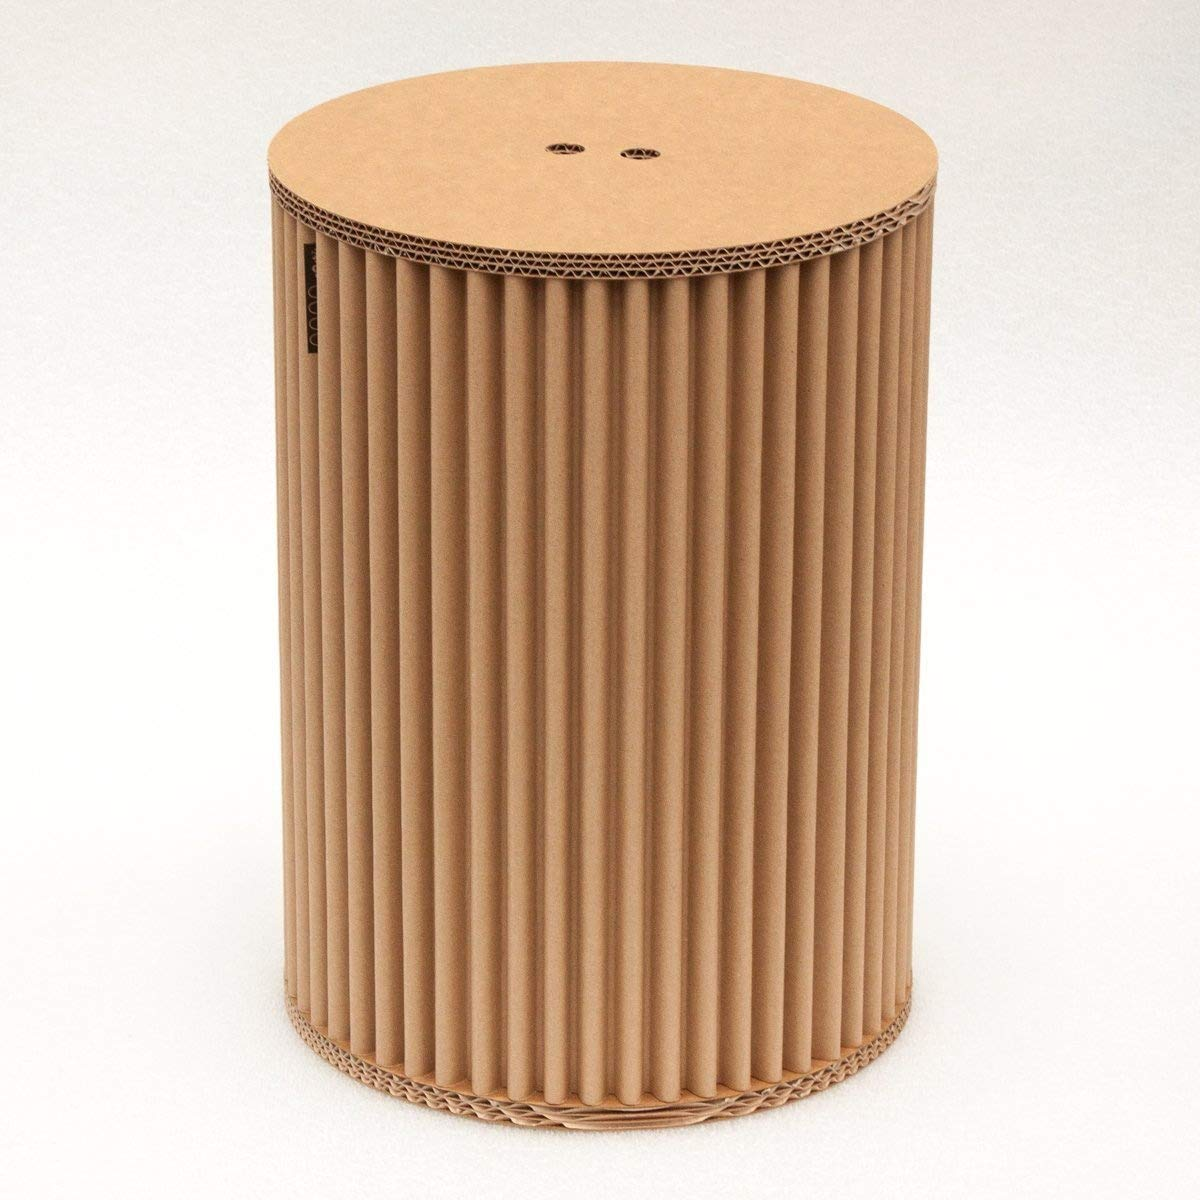 cArtù Hocker: Dieser innovative Hocker ist elegant und umweltfreundlich. Hergestellt aus cArtù, eine neue Art Pappkarton mit einem einzigartigen Design. Einfach aufzubauen in nur 3 Schritten. Maße: 32 cm x 46 cm Grifal SpA